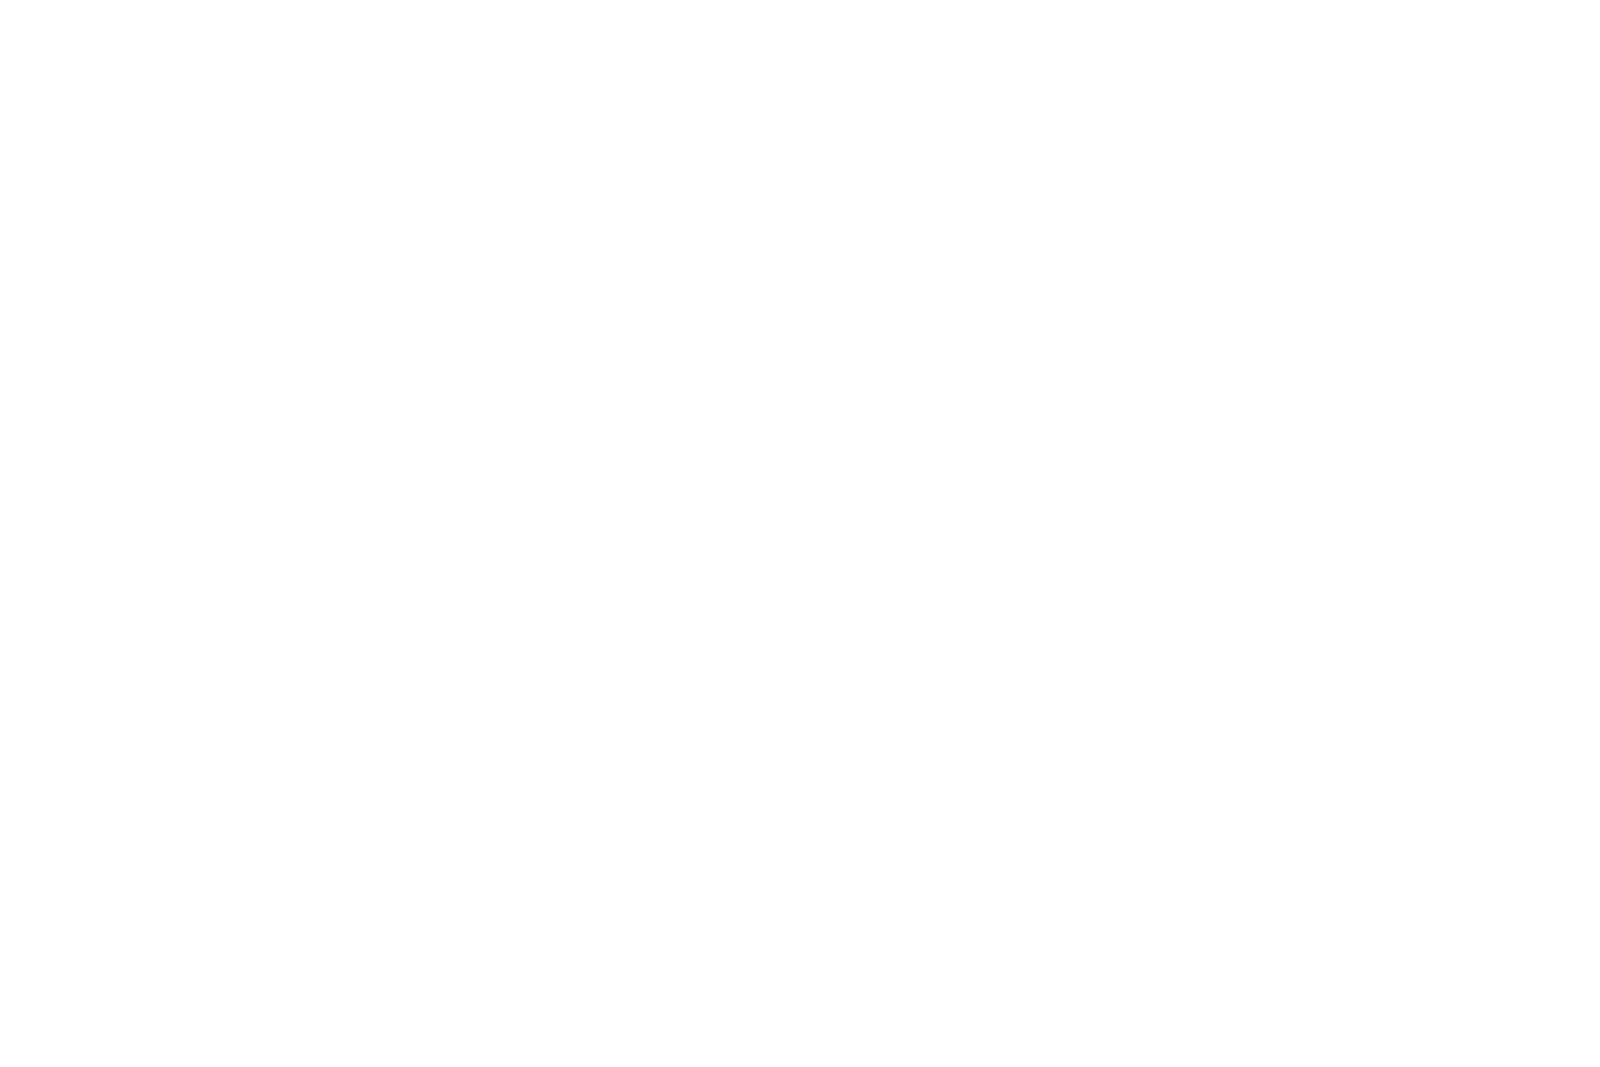 Desyra Noir